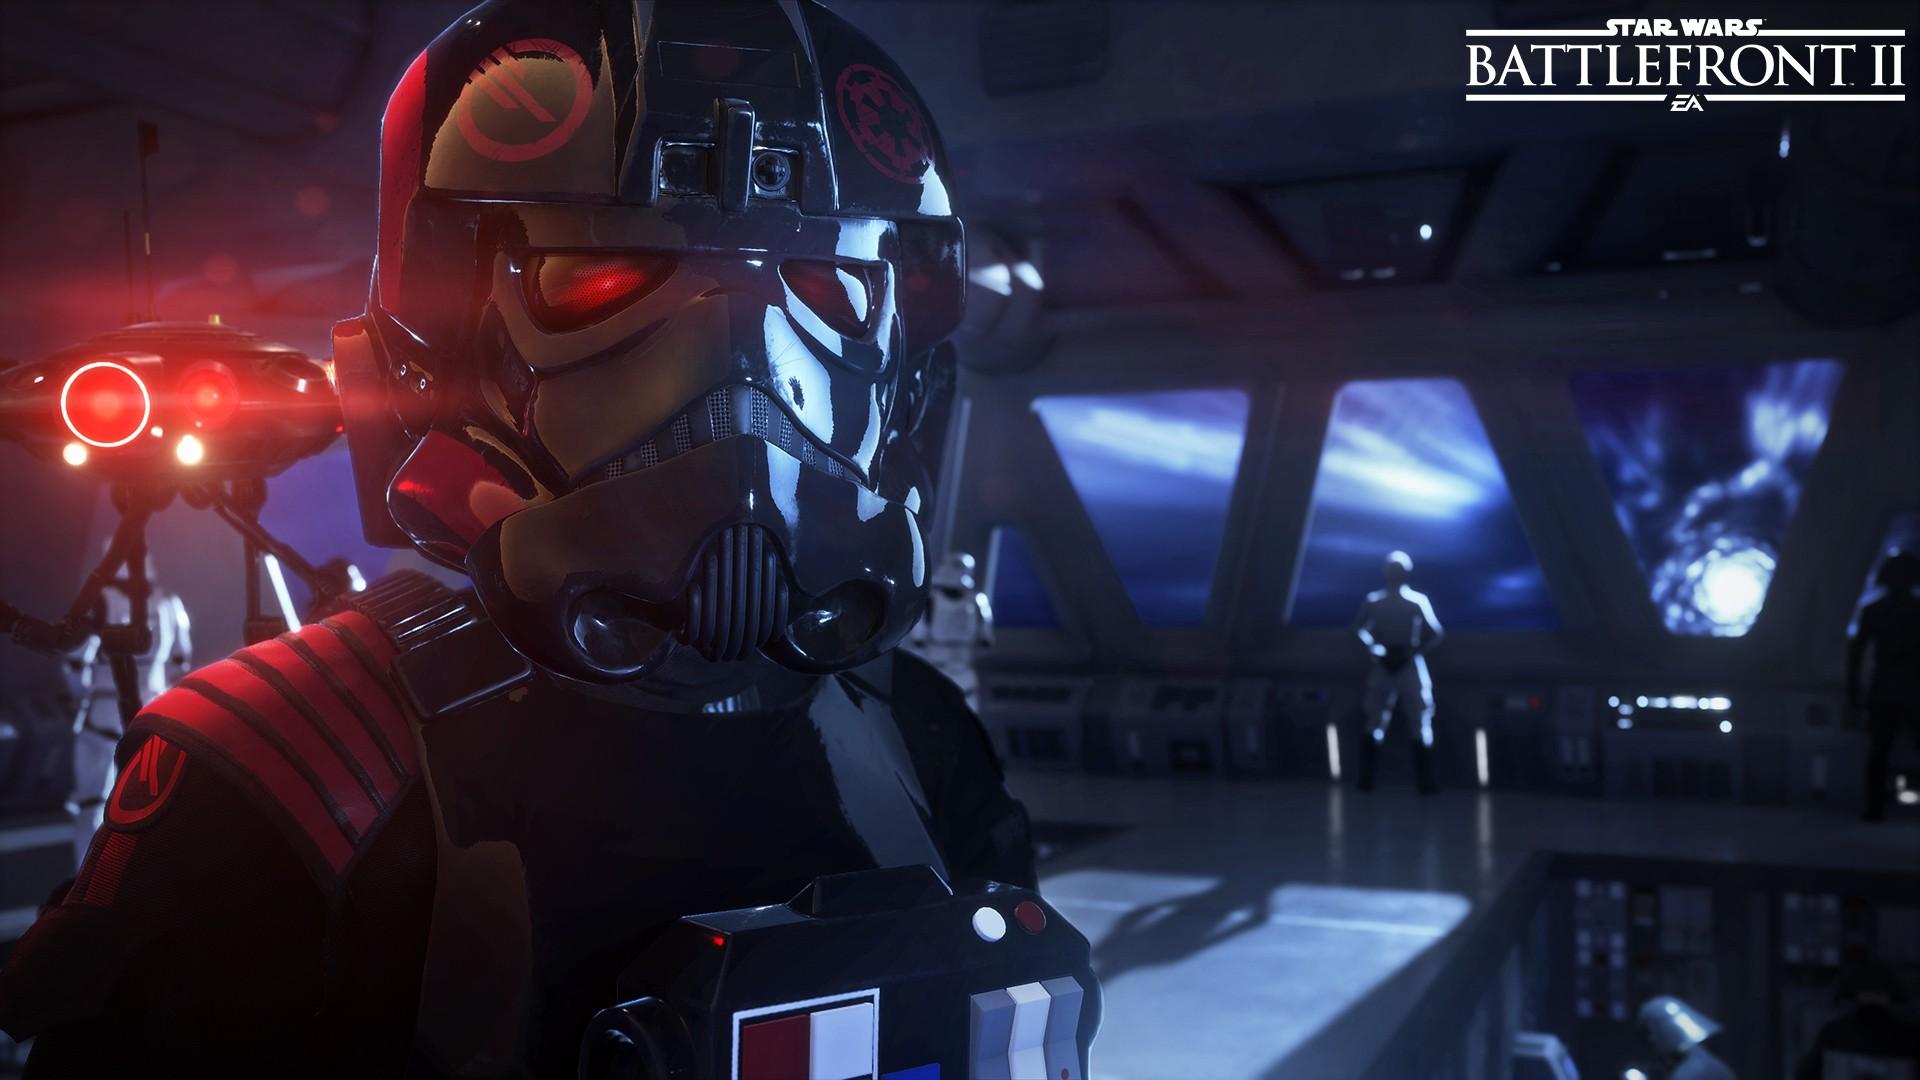 ВStar Wars: Battlefront 2 меняют систему лутбоксов